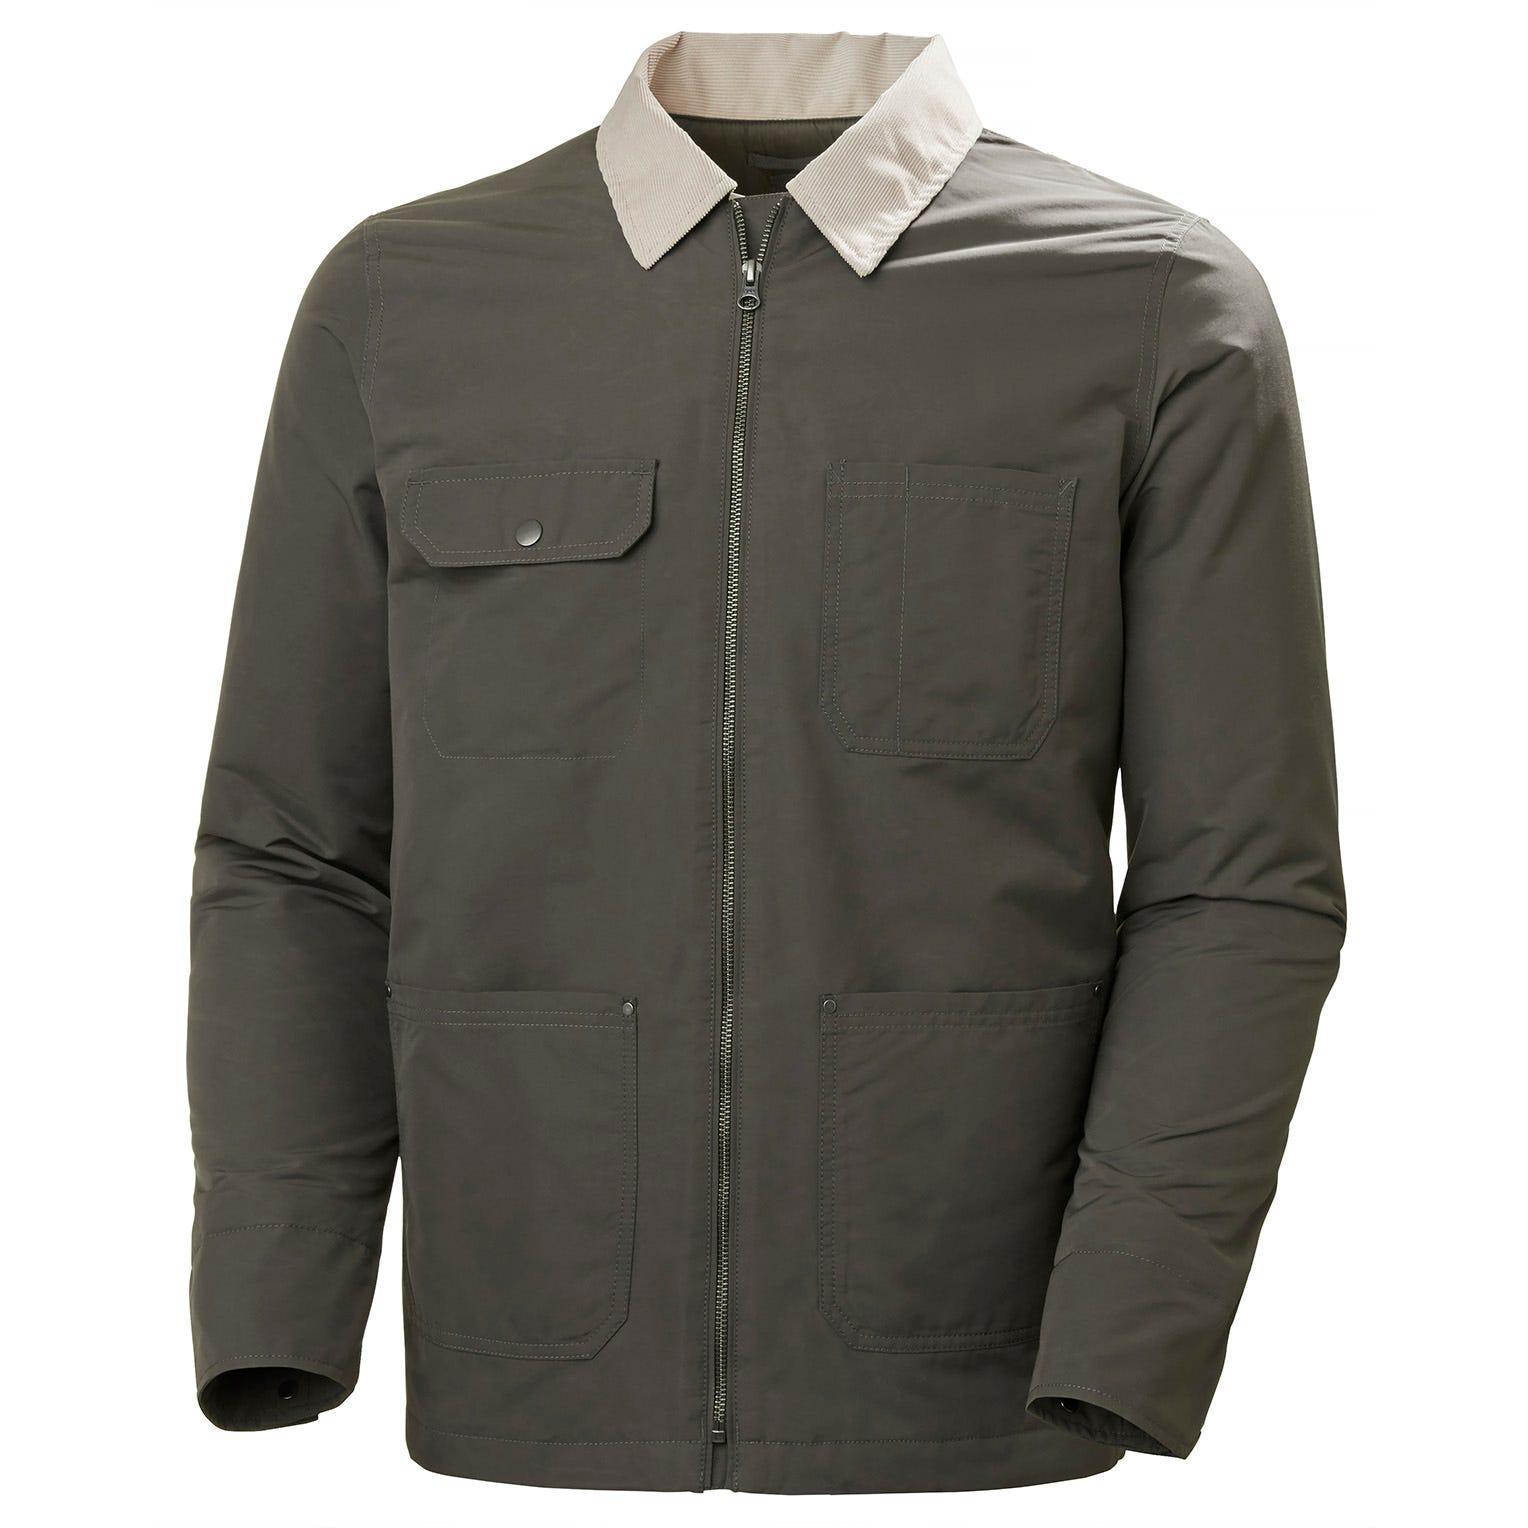 Helly Hansen Mens Meyer Lightweight Insulated Jacket Green XL